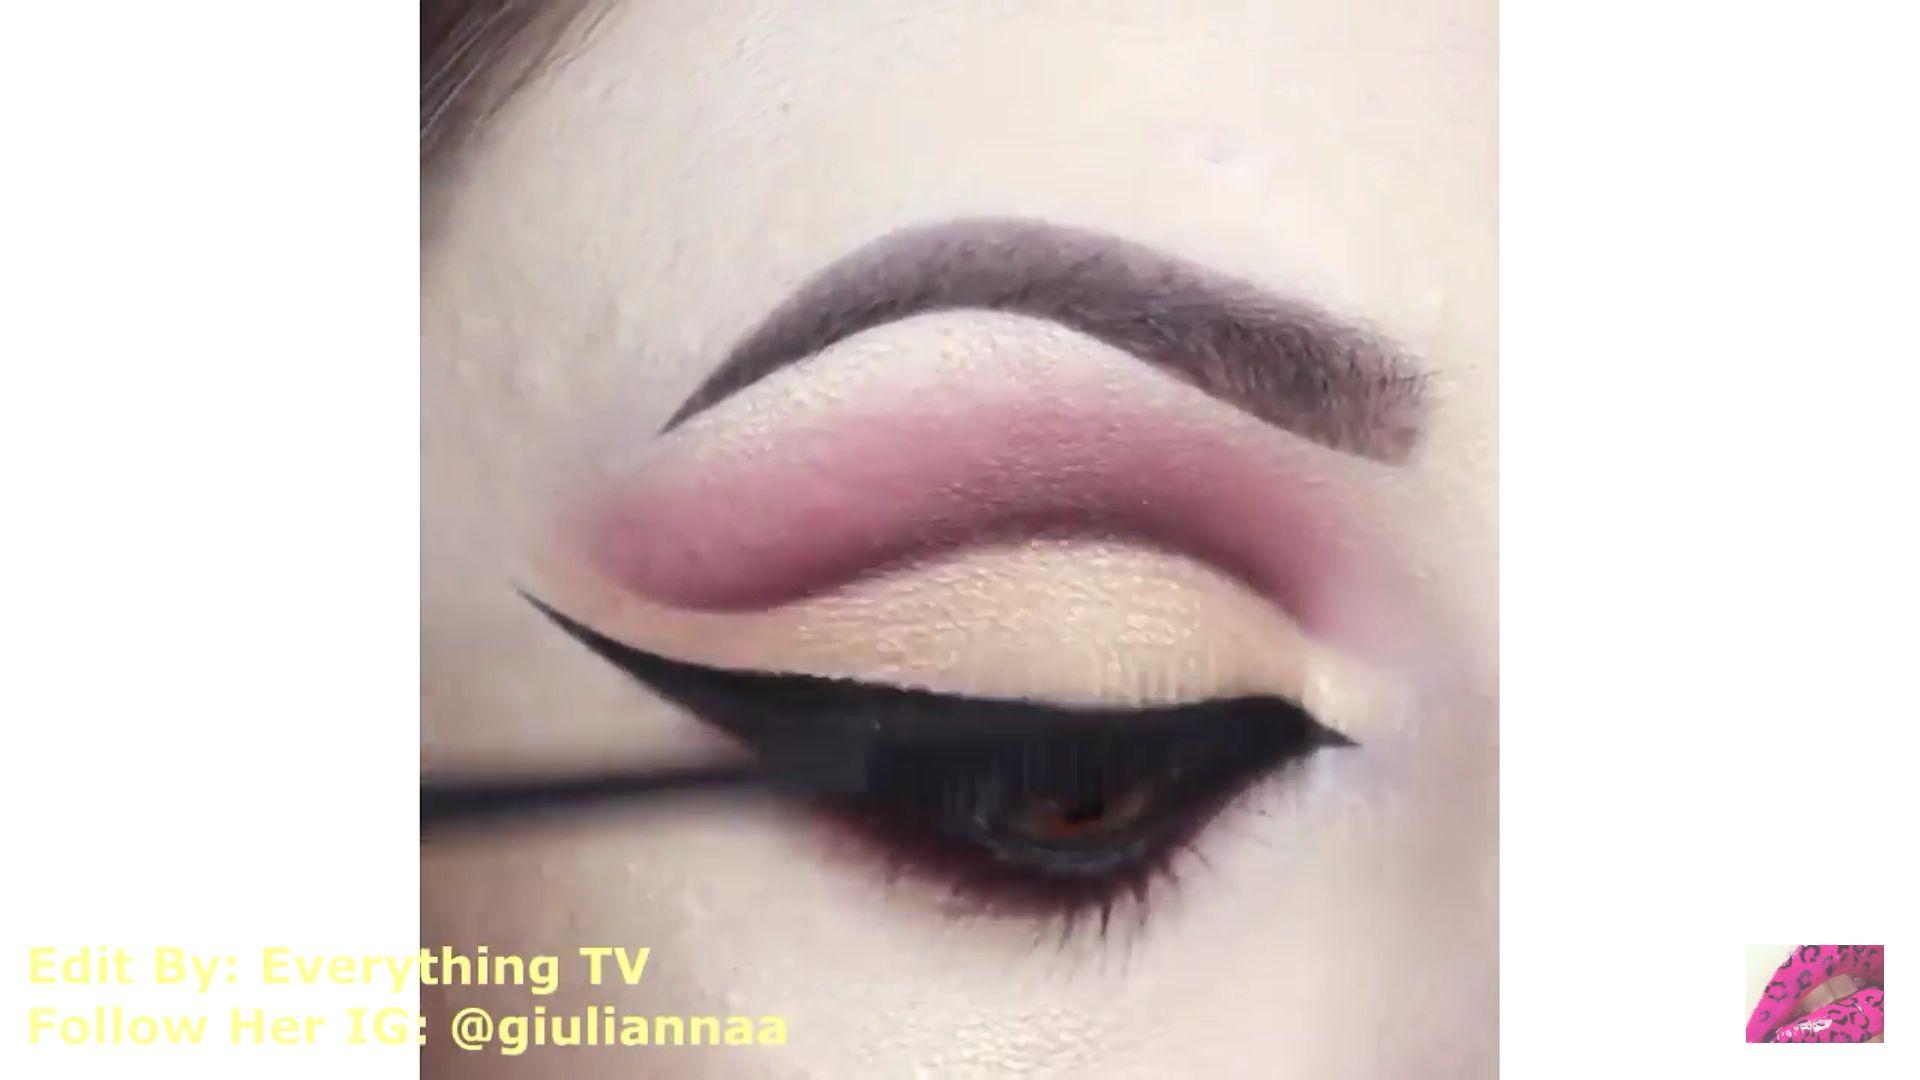 Hermosos diseños de fantasía para los ojos Samantha Hermoso 2020, delineador, pestañas postizas